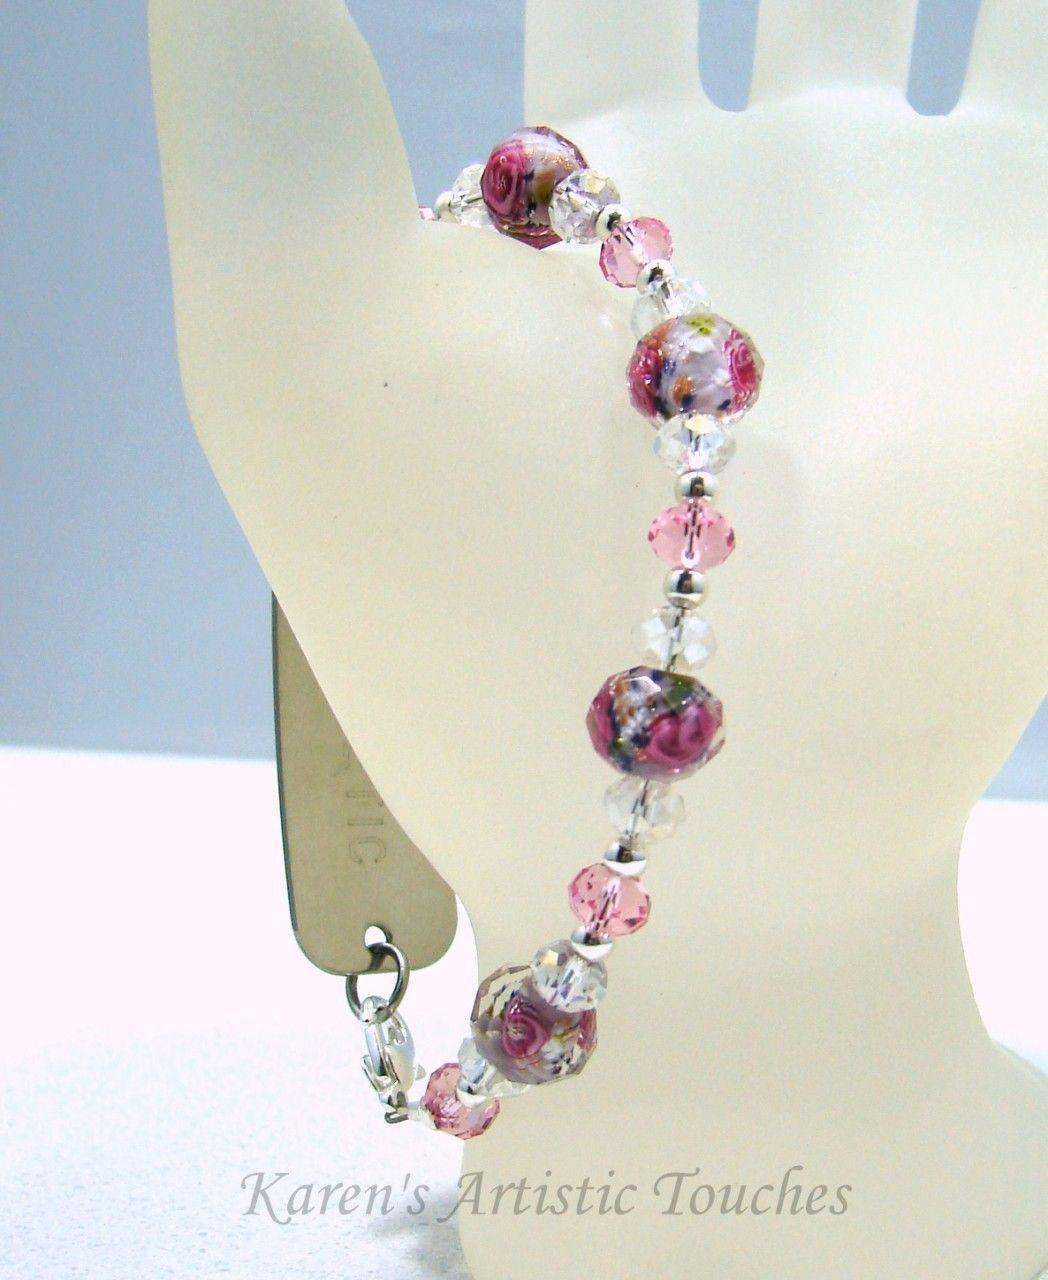 Karen's Artistic Touches Store - Light Pink Rose Swarovski Crystal Beaded Medical ID Alert Bracelet, $17.99 (http://www.karensartistictouches.com/light-pink-rose-swarovski-crystal-beaded-medical-id-alert-bracelet/)